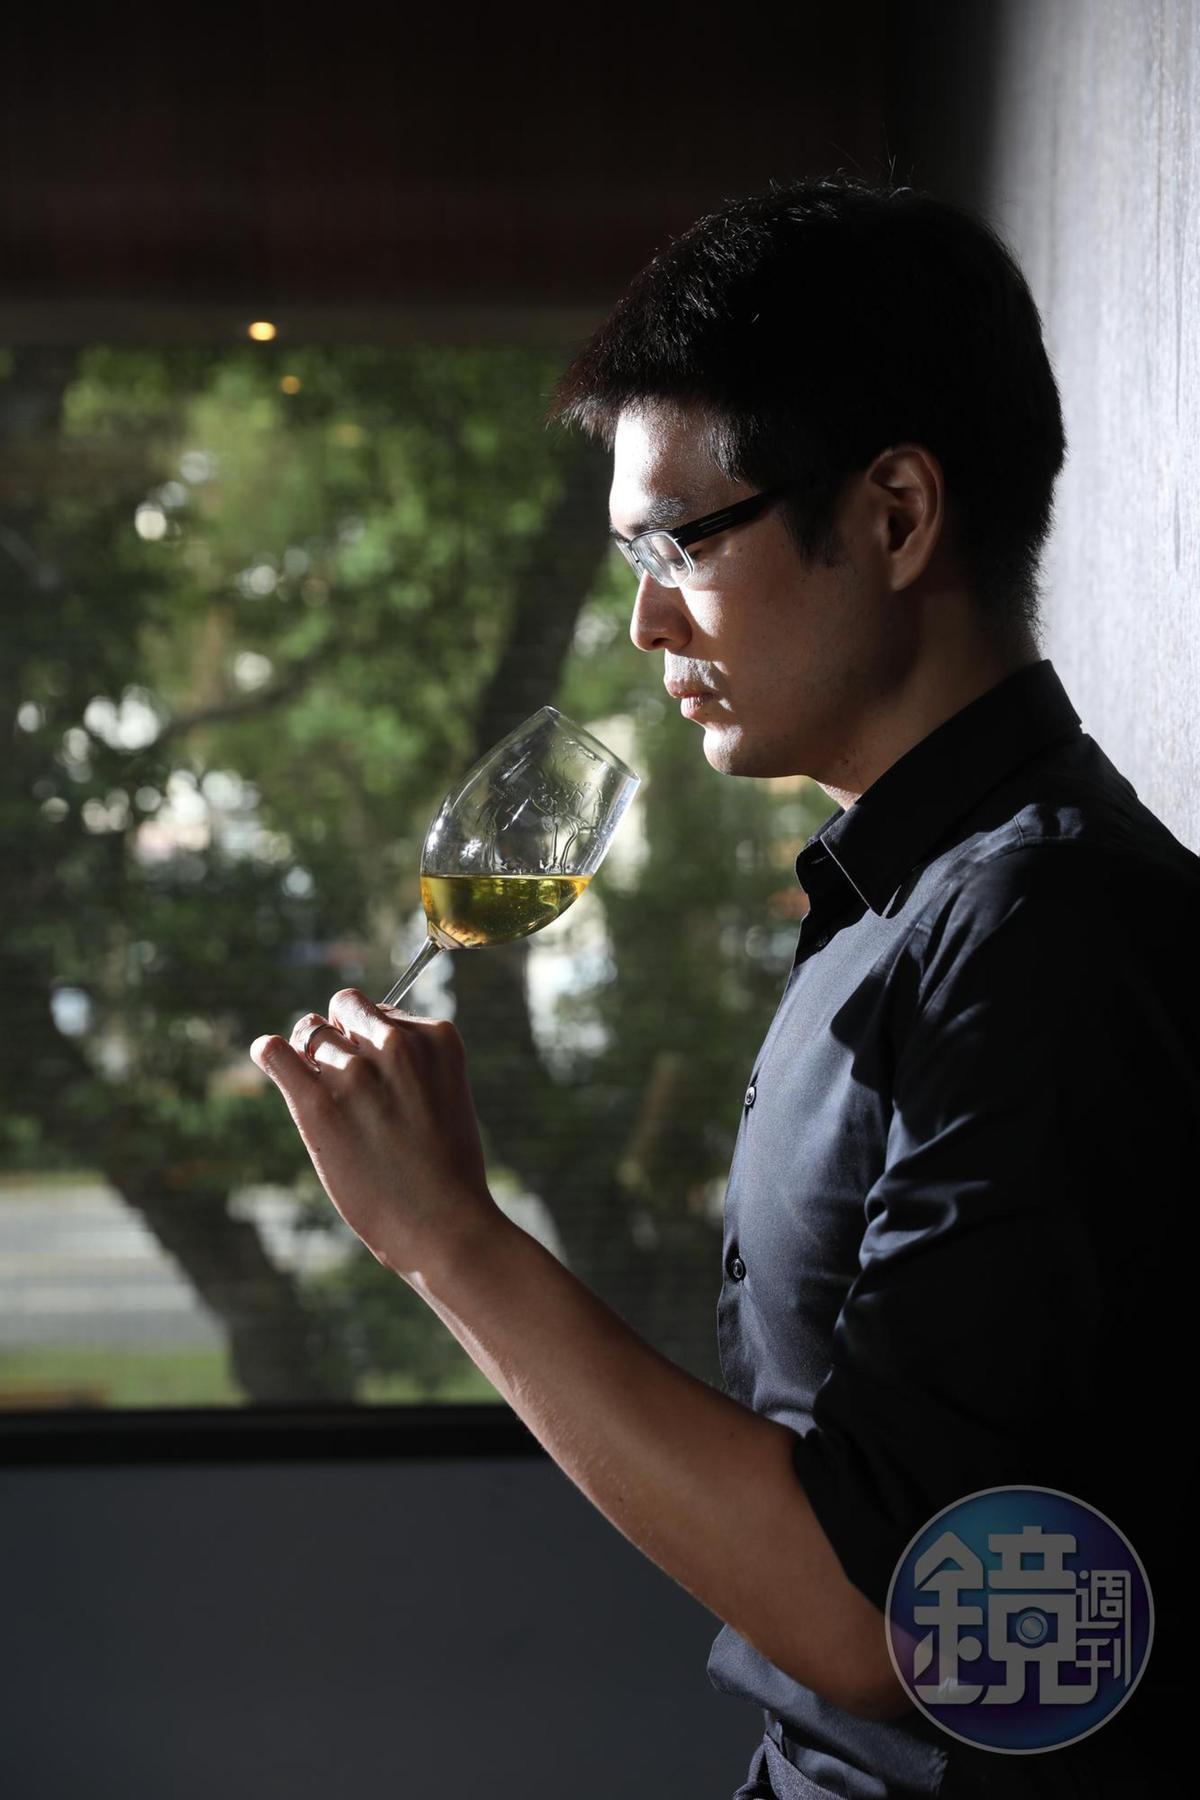 侍酒師蕭希辰的腦袋內建品酒資料庫,知識淵博。